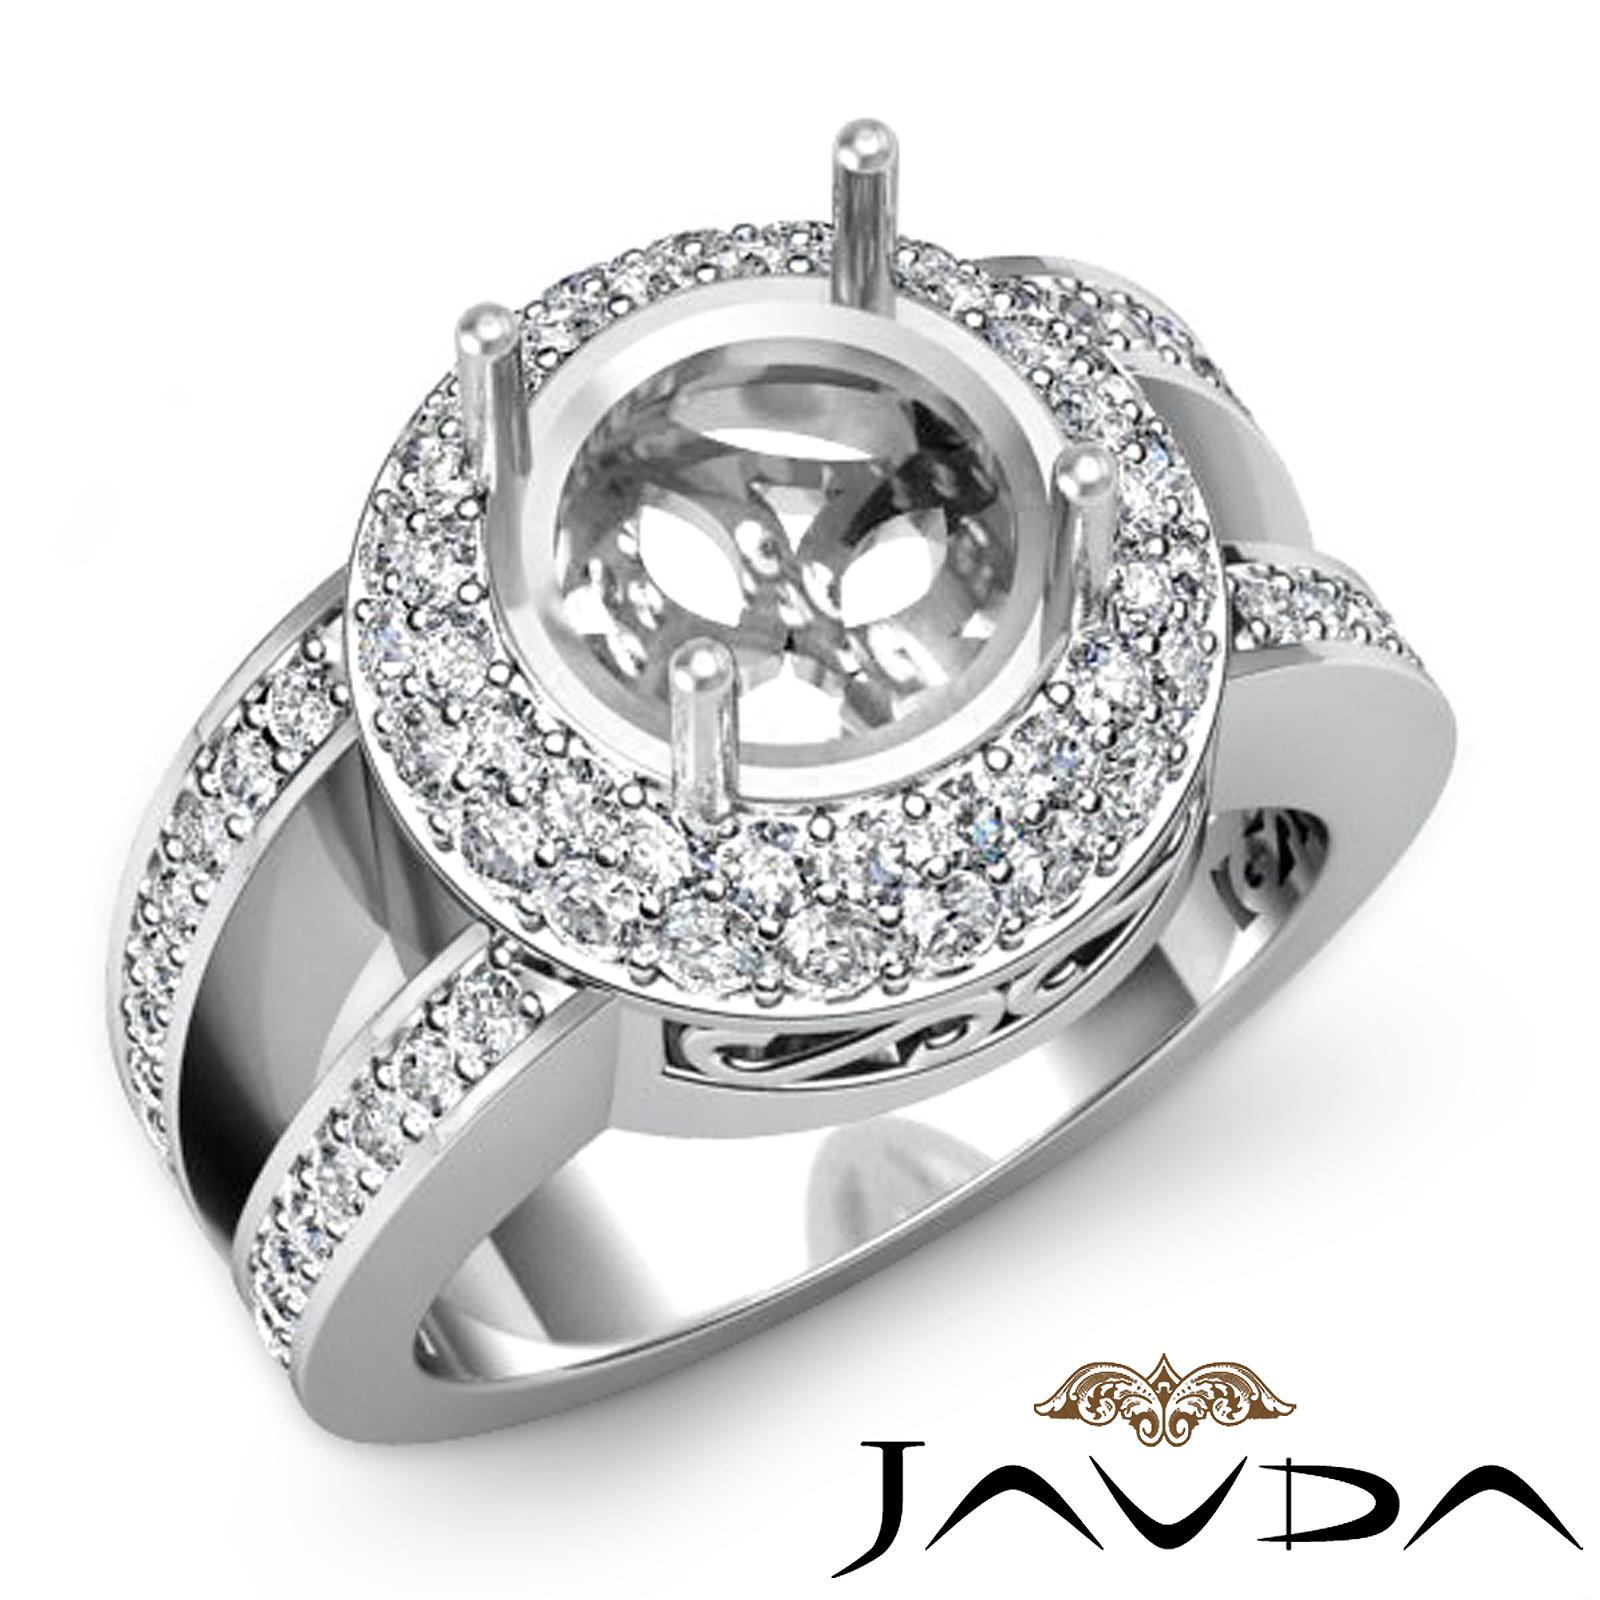 Halo Pave Diamond Anniversary Filigree Ring Platinum 950